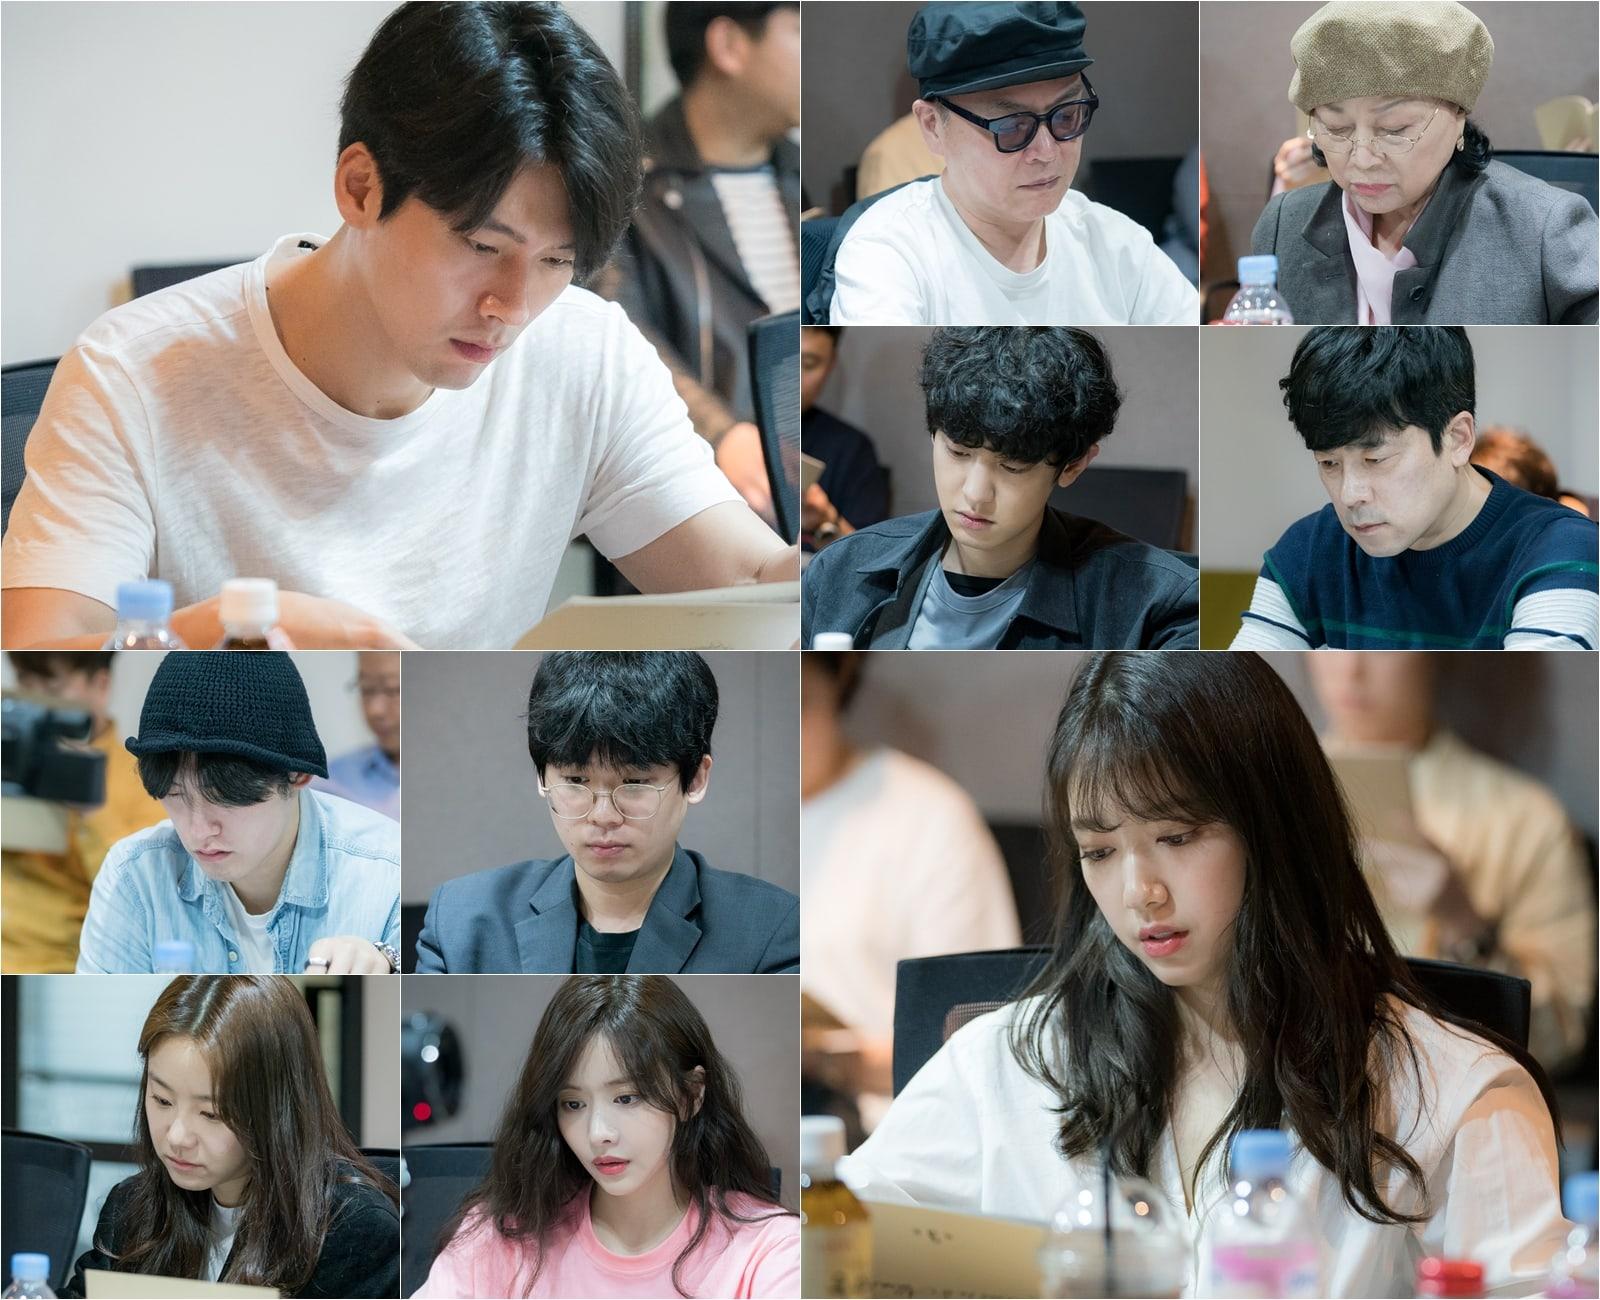 Chanyeol EXO akan berperan sebagai adik dari Park Shin Hye dalam drama ini (dok. tvn)